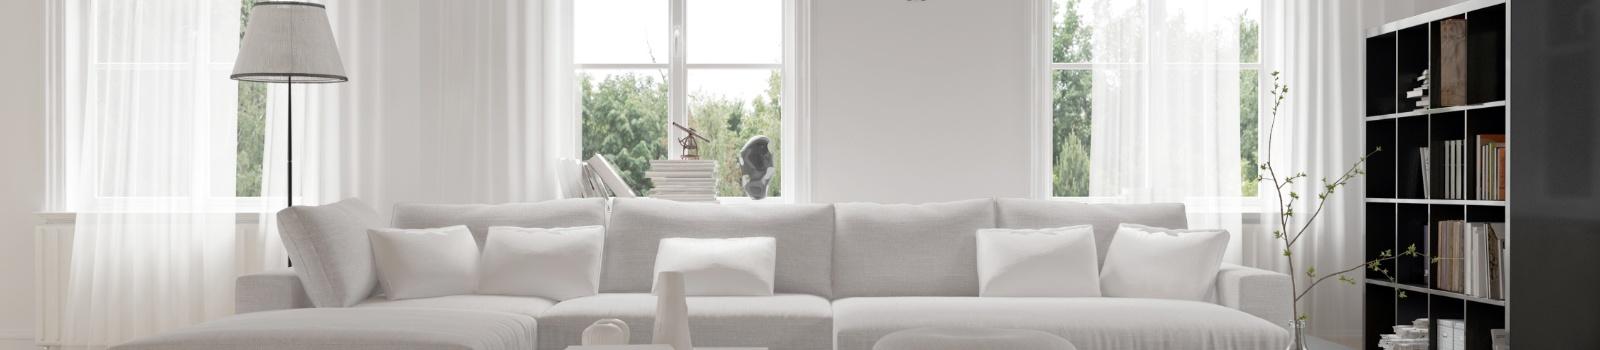 Fenêtres et portes-fenêtres en PVC ou ALU